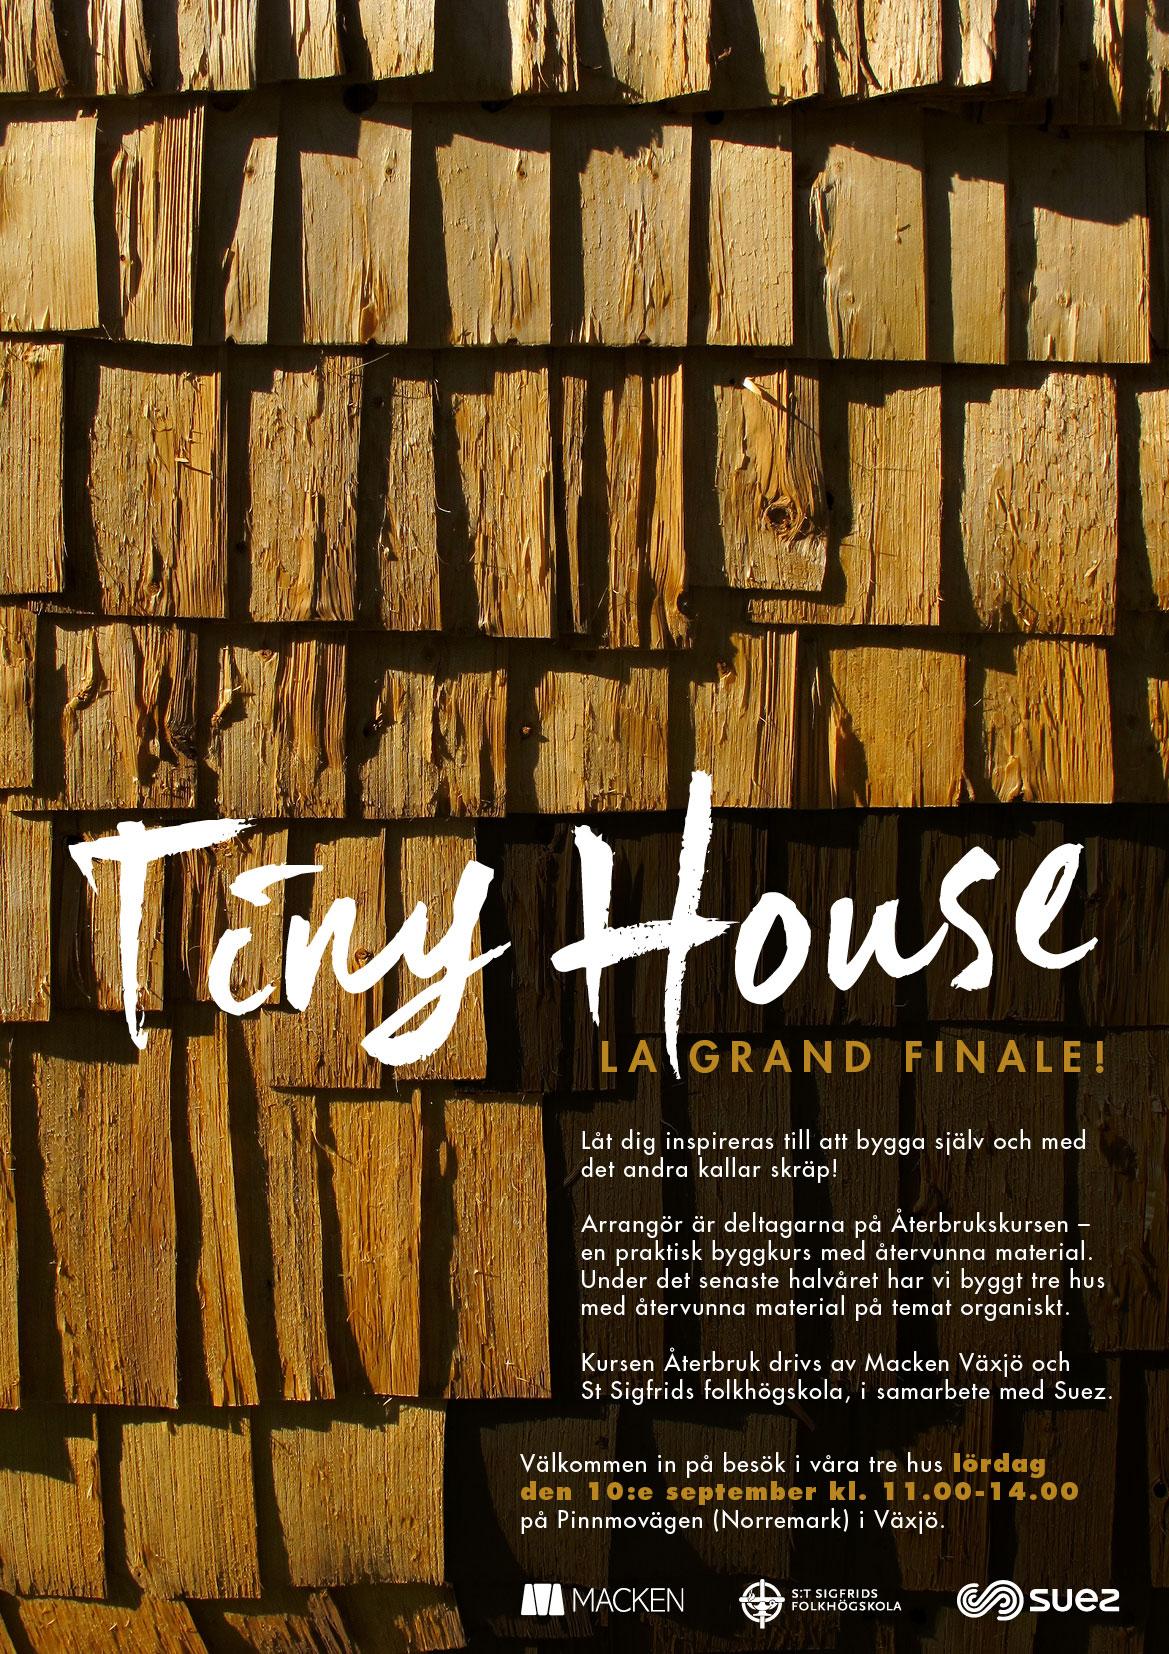 Tiny_house_affisch_A3